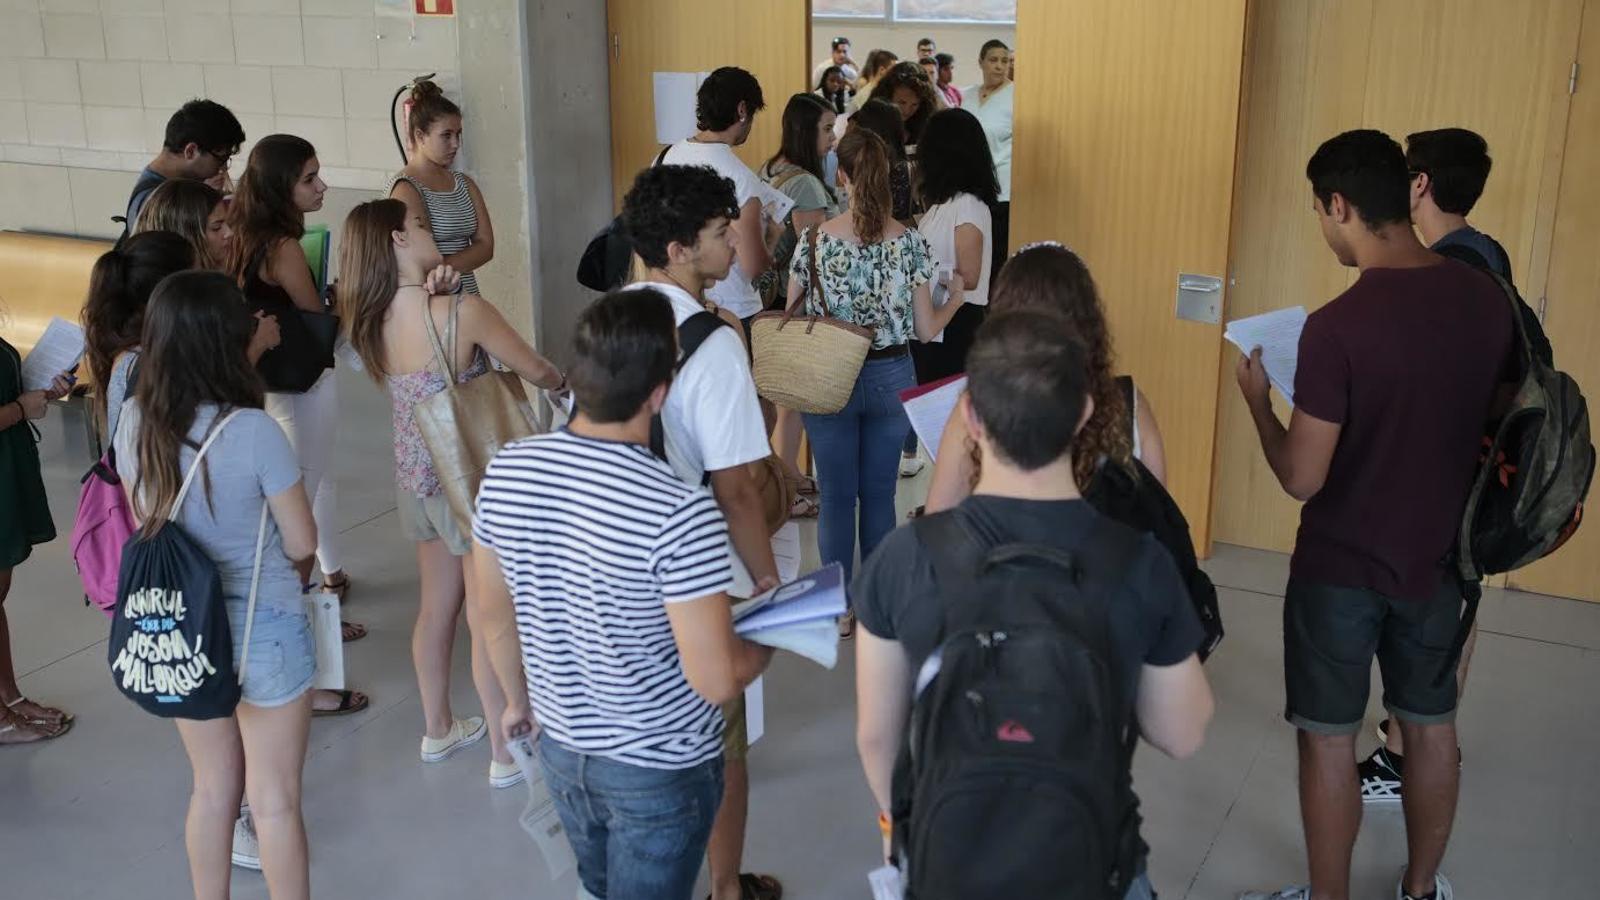 Alumnes arribats de tots els racons de Mallorca s'han desplaçat a la Universitat de les Illes Balears (UIB) per examinar-se. / ENRIQUE CALVO